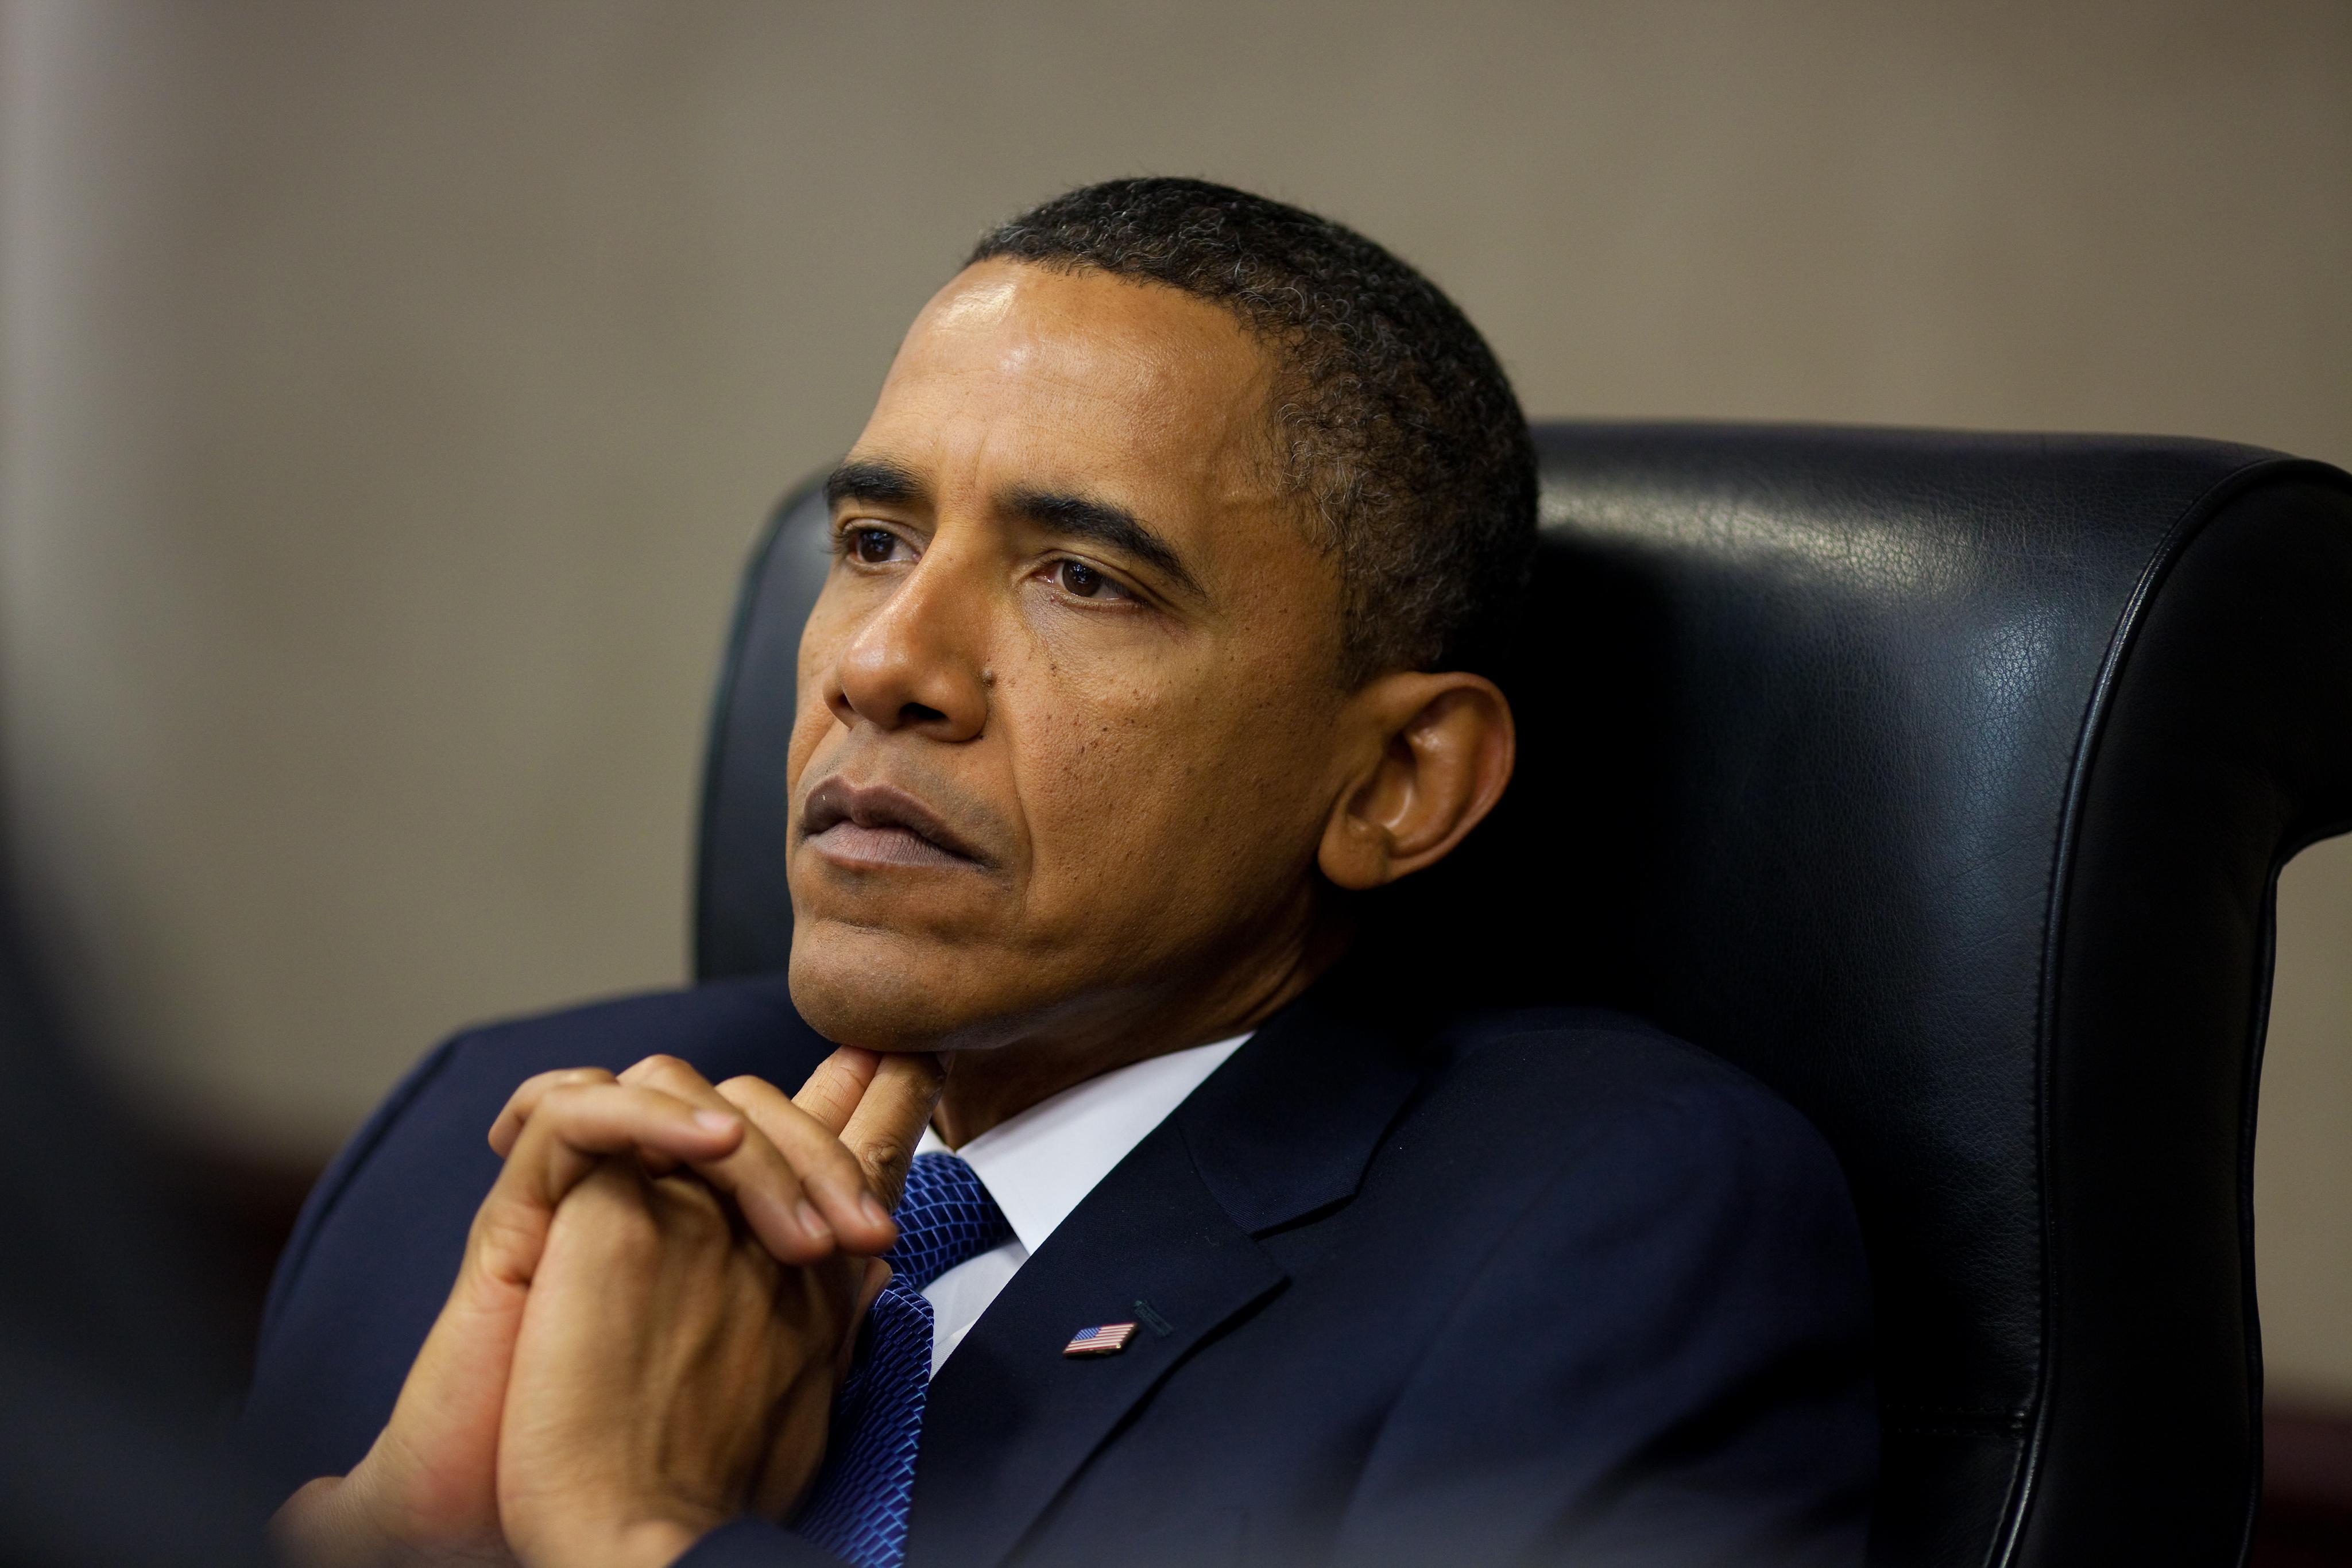 В США мужчину приговорили к трем годам тюрьмы за угрозы Обаме в фейсбуке